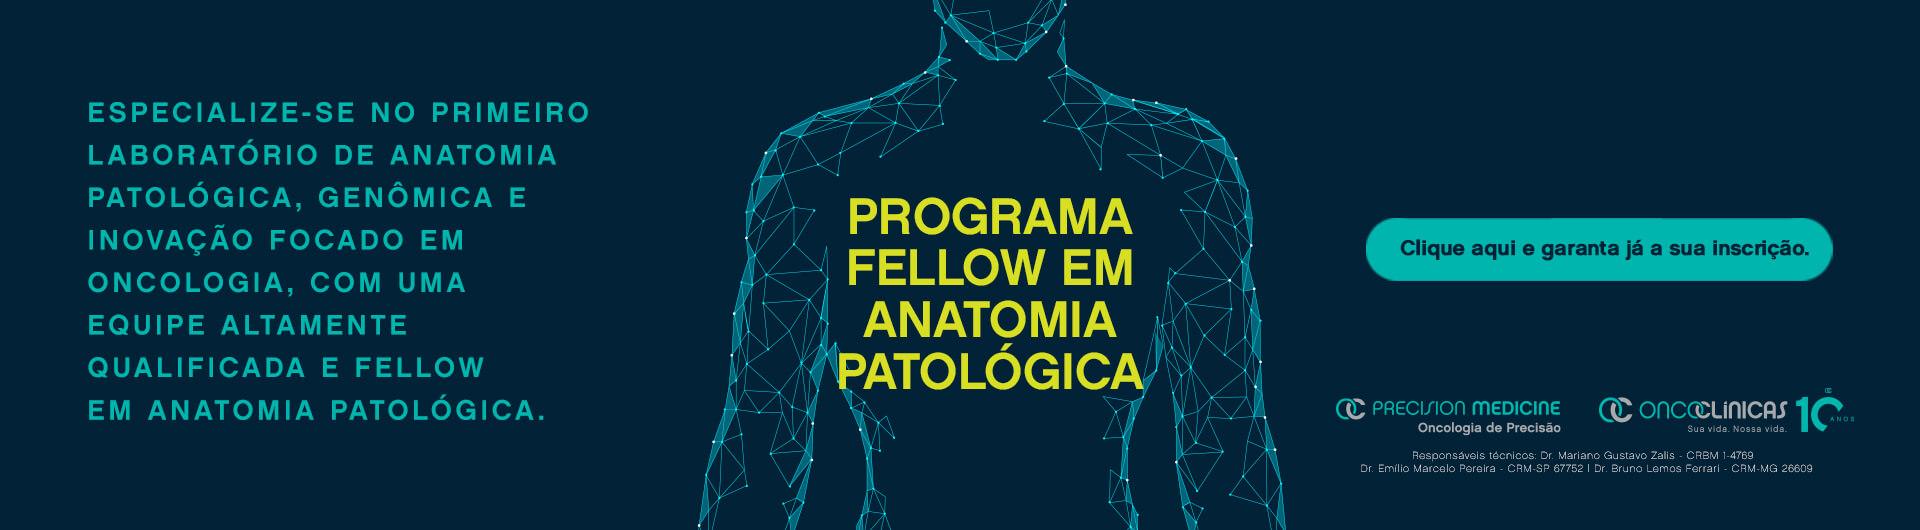 Programa Fellow Patologia OCPM